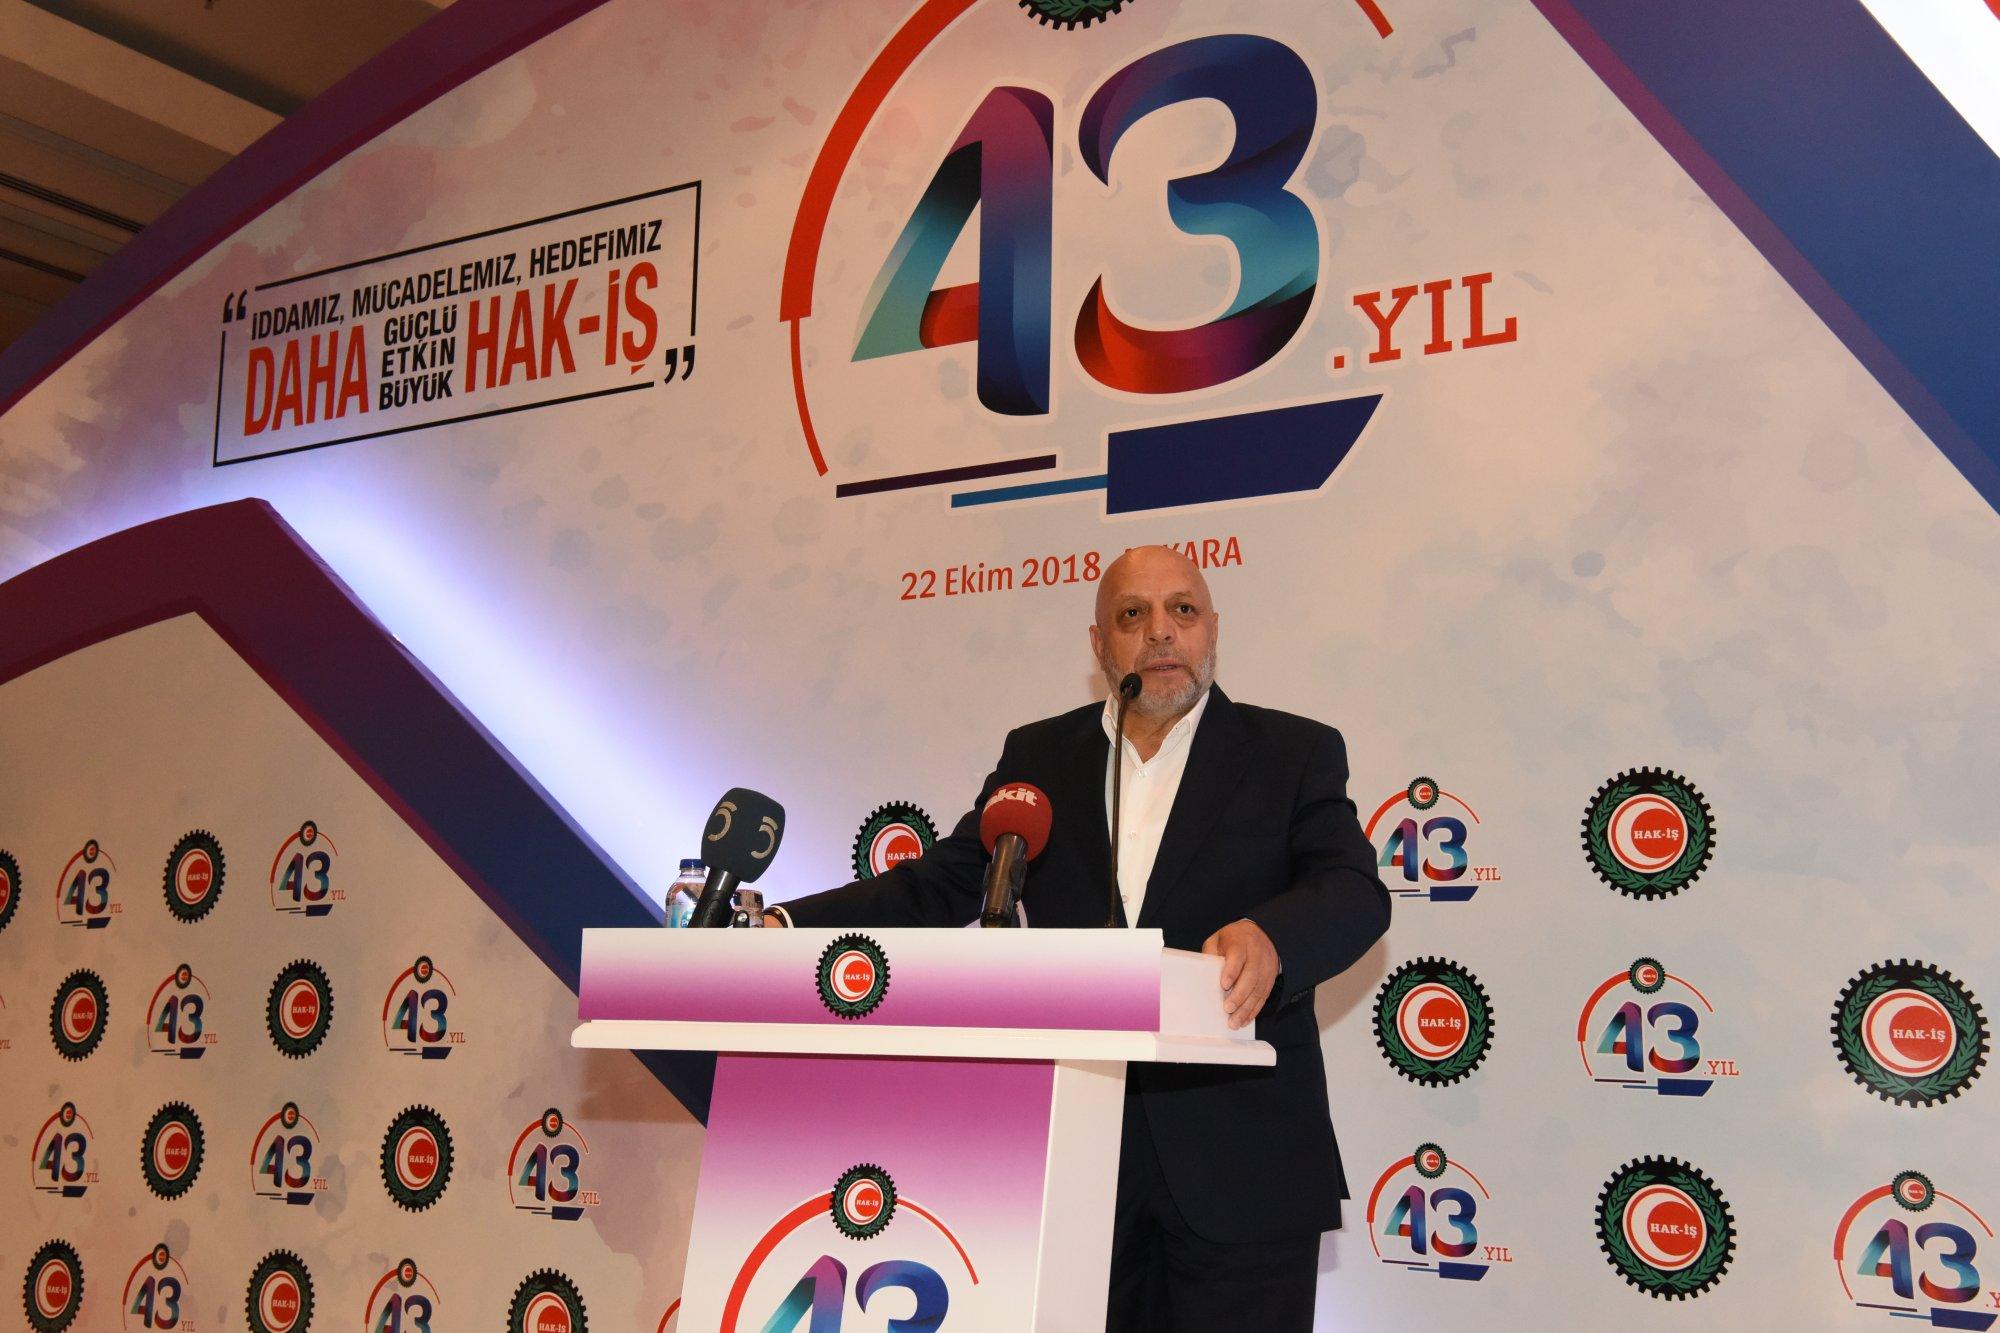 HAK-İŞ'İN ONURLU MÜCADELESİNDE 43. YIL